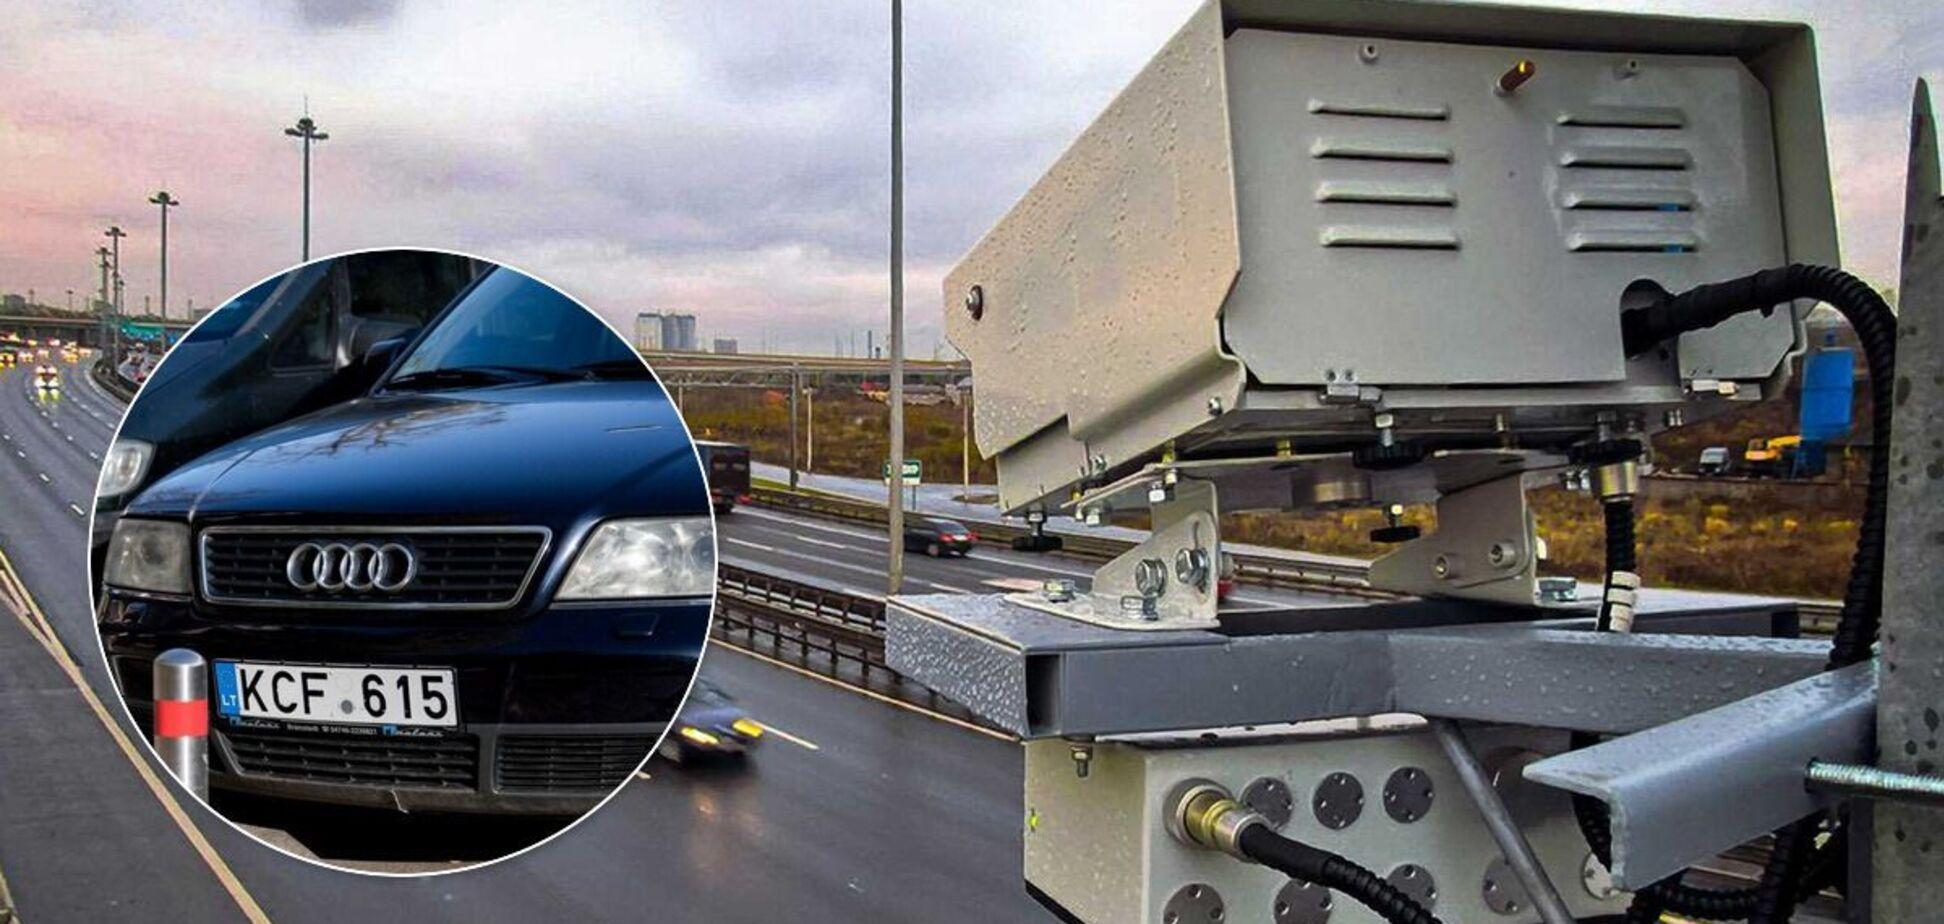 Система автофиксации нарушений ПДД начала 'отлавливать' авто на иностранной регистрации